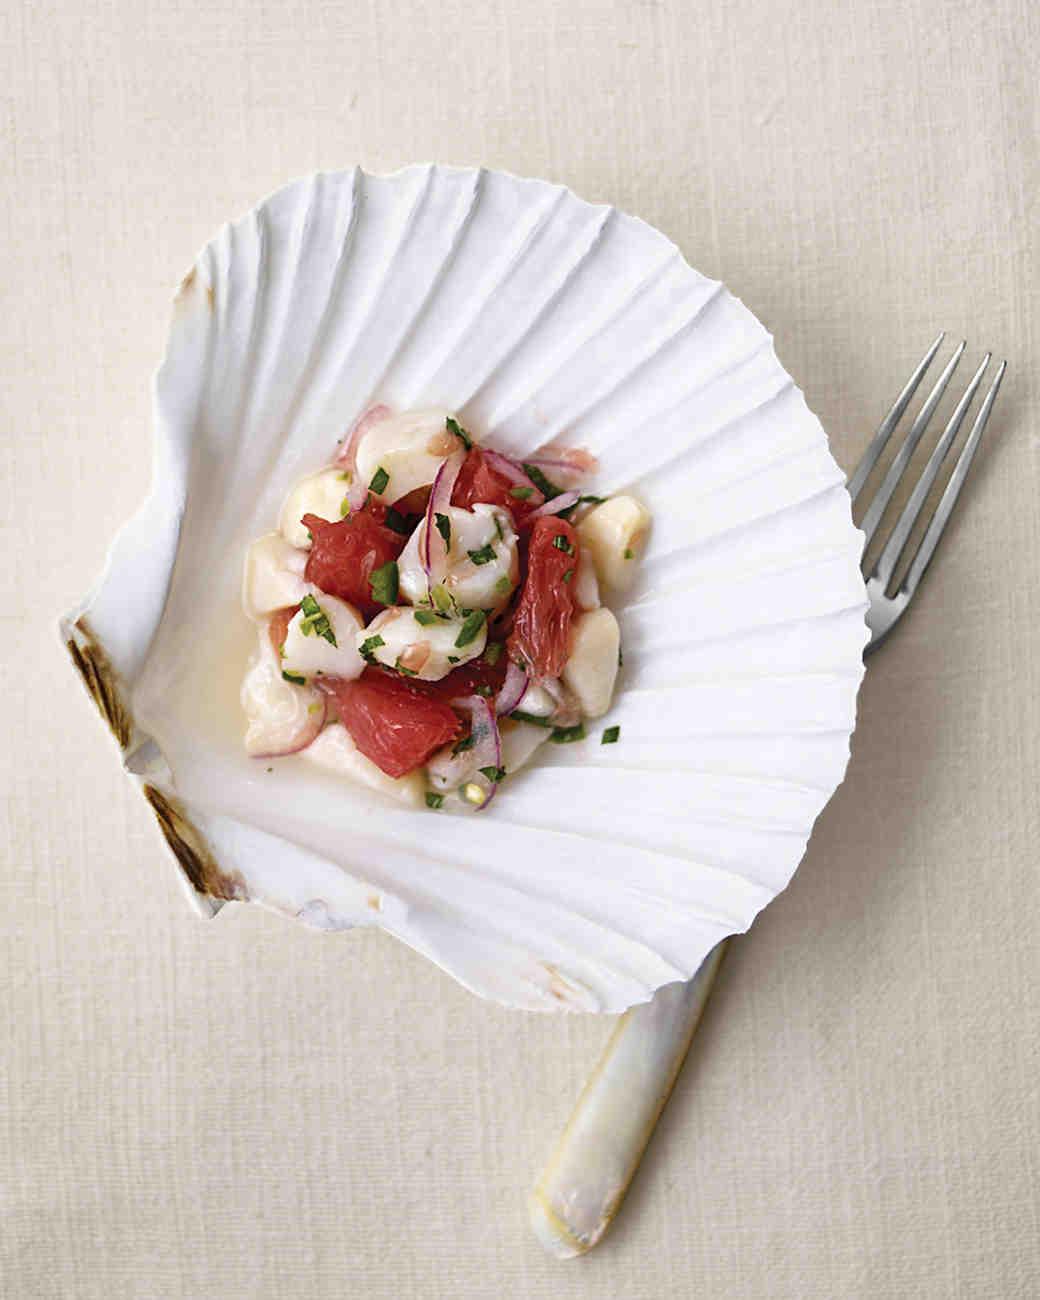 Beach Wedding Food Ideas: 23 Beach Wedding Ideas You Can DIY To Make A Splash At